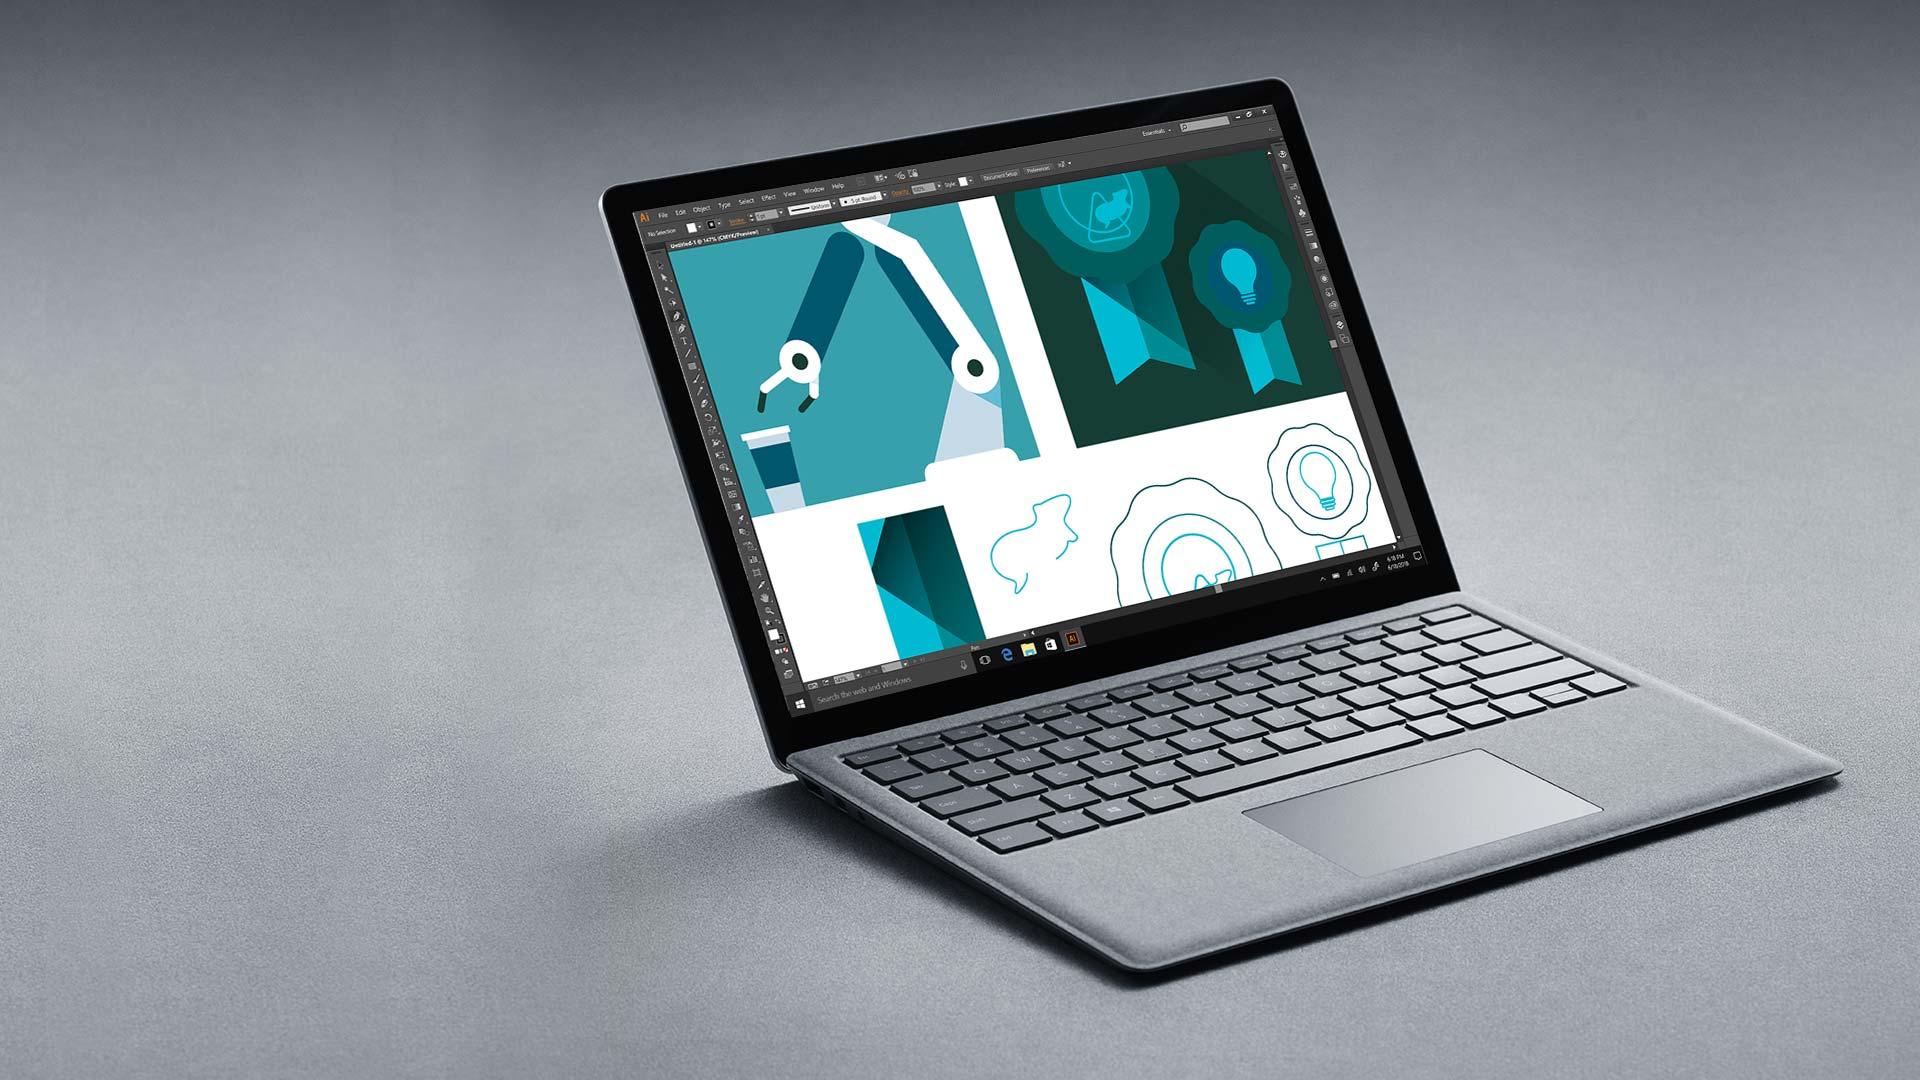 Surface Laptop en platino con Adobe Illustrator en pantalla.